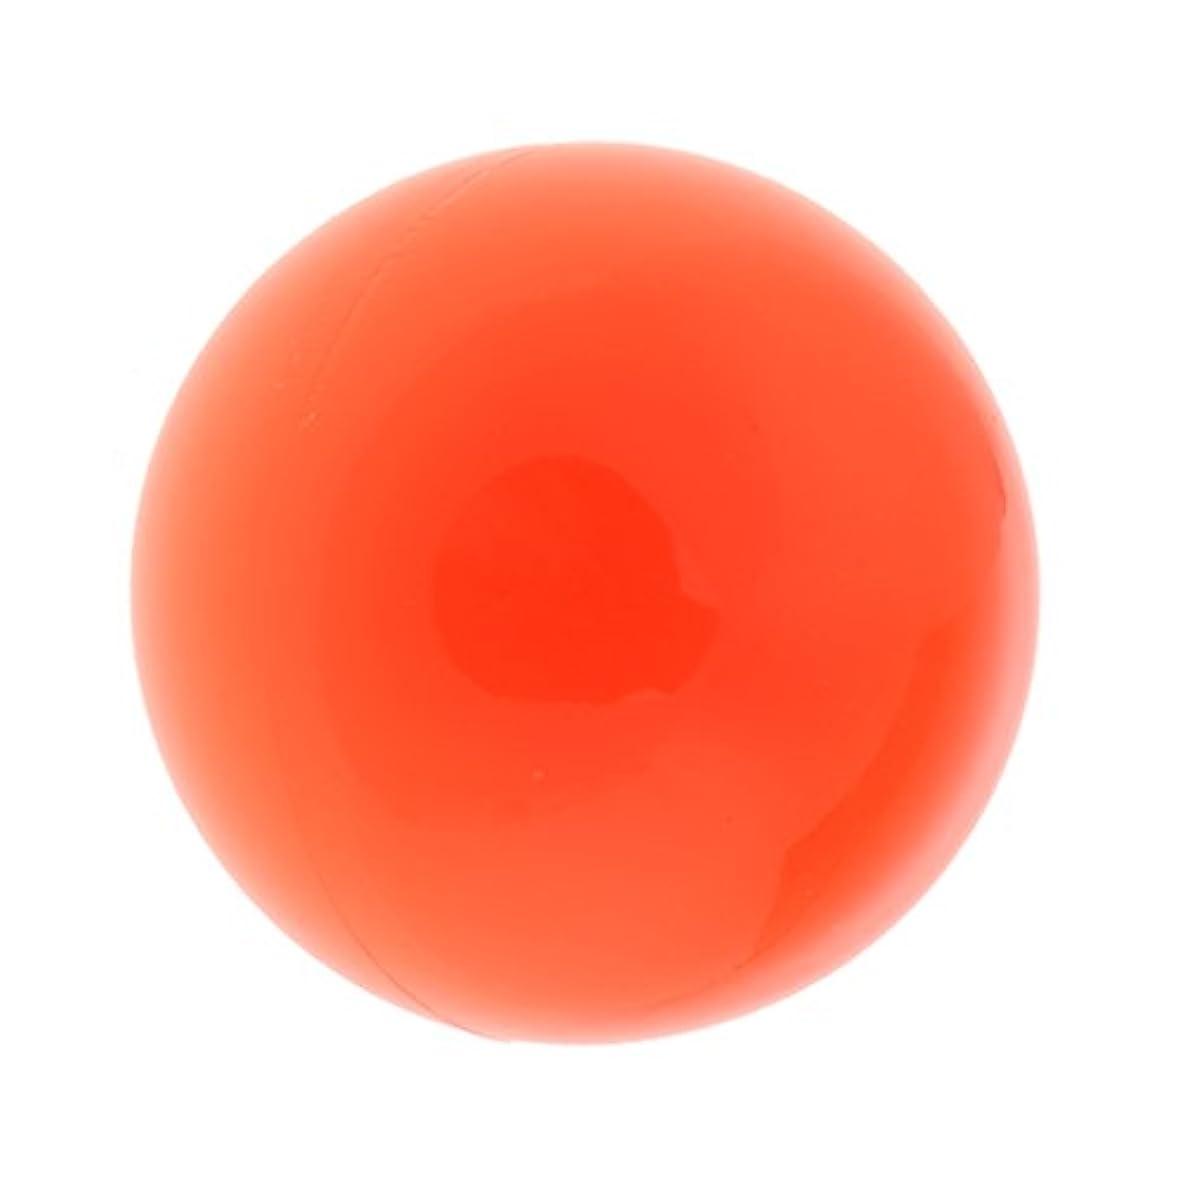 絶壁コイル溶けたSONONIA マッサージボール エコフレンドリーPVC 74mm マッサージ ポイントマッサージ ボール ソフト トレーニング